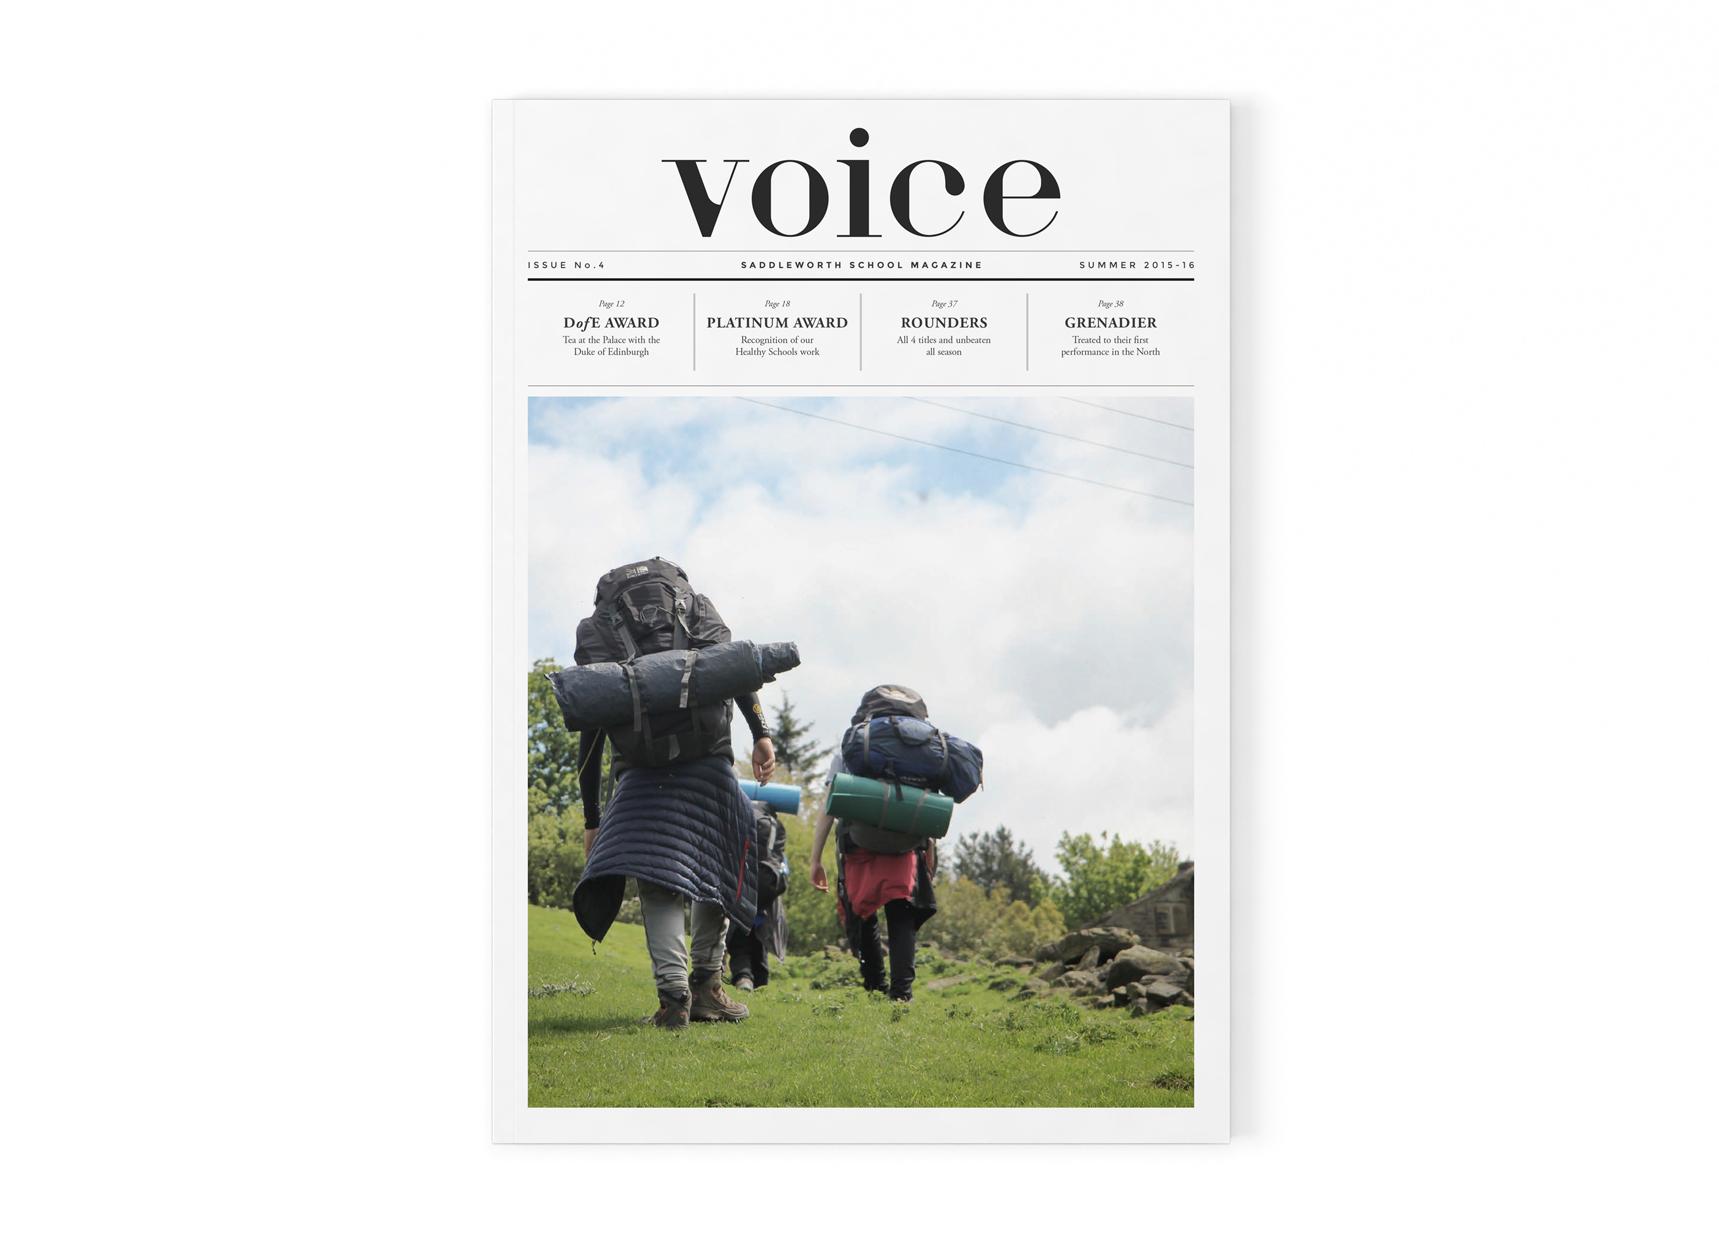 voice-Magazine_Issue-No.4_1.jpg